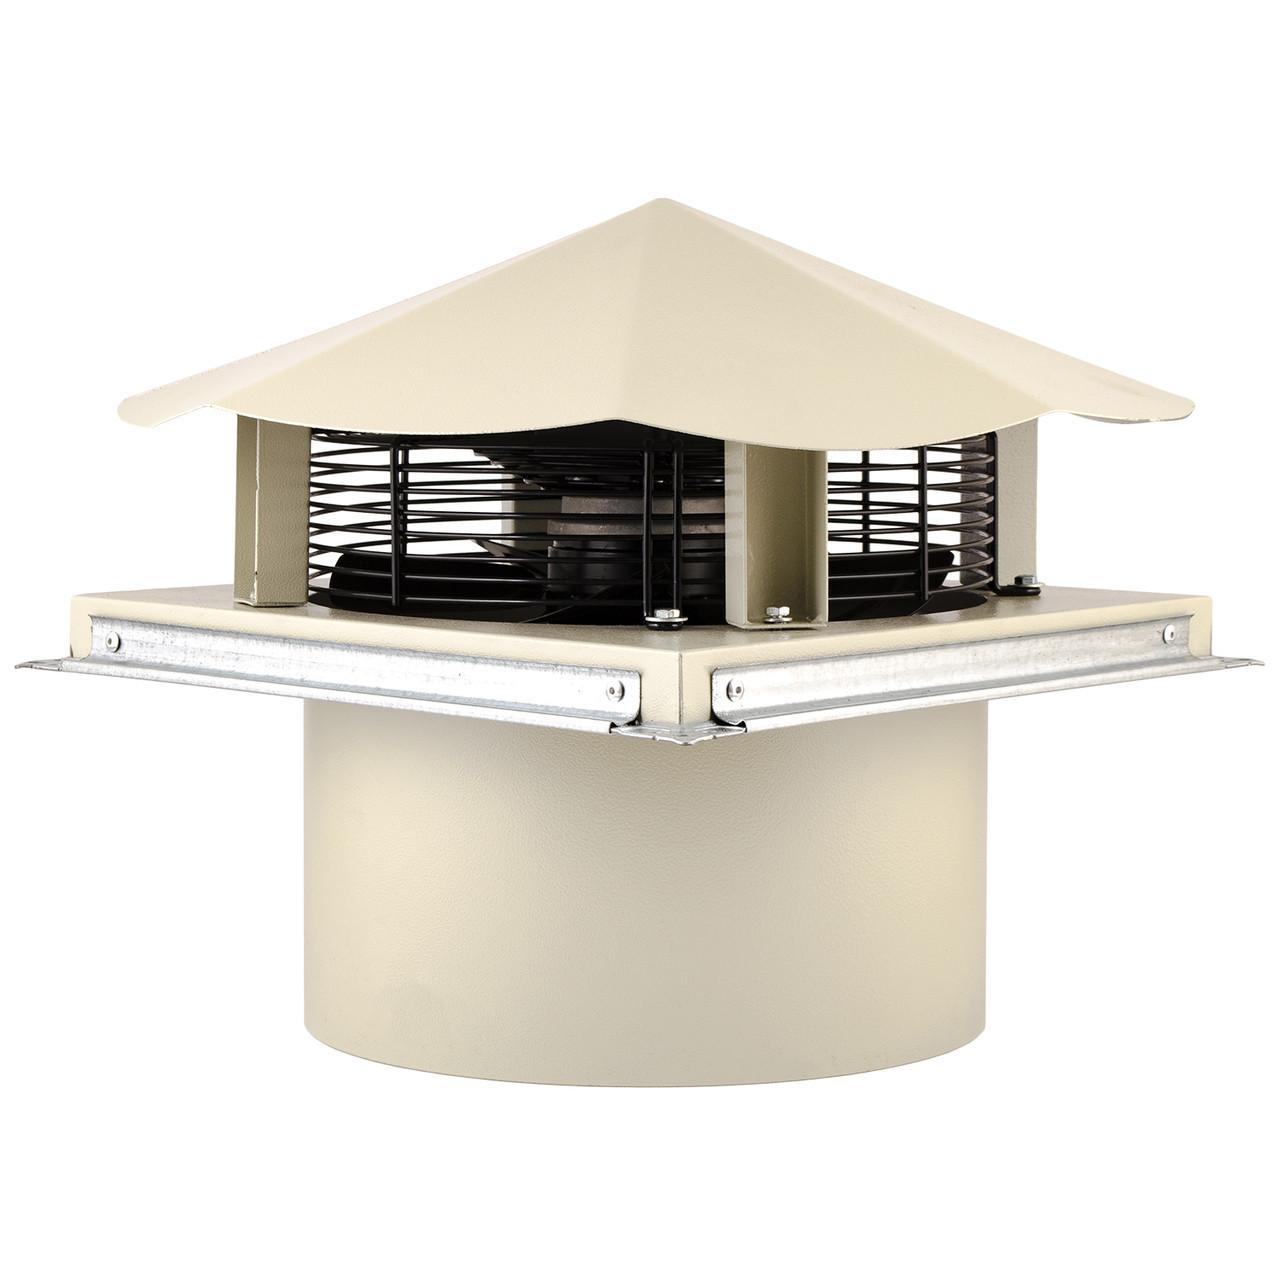 Осьовий даховий вентилятор Турбовент КВО 400